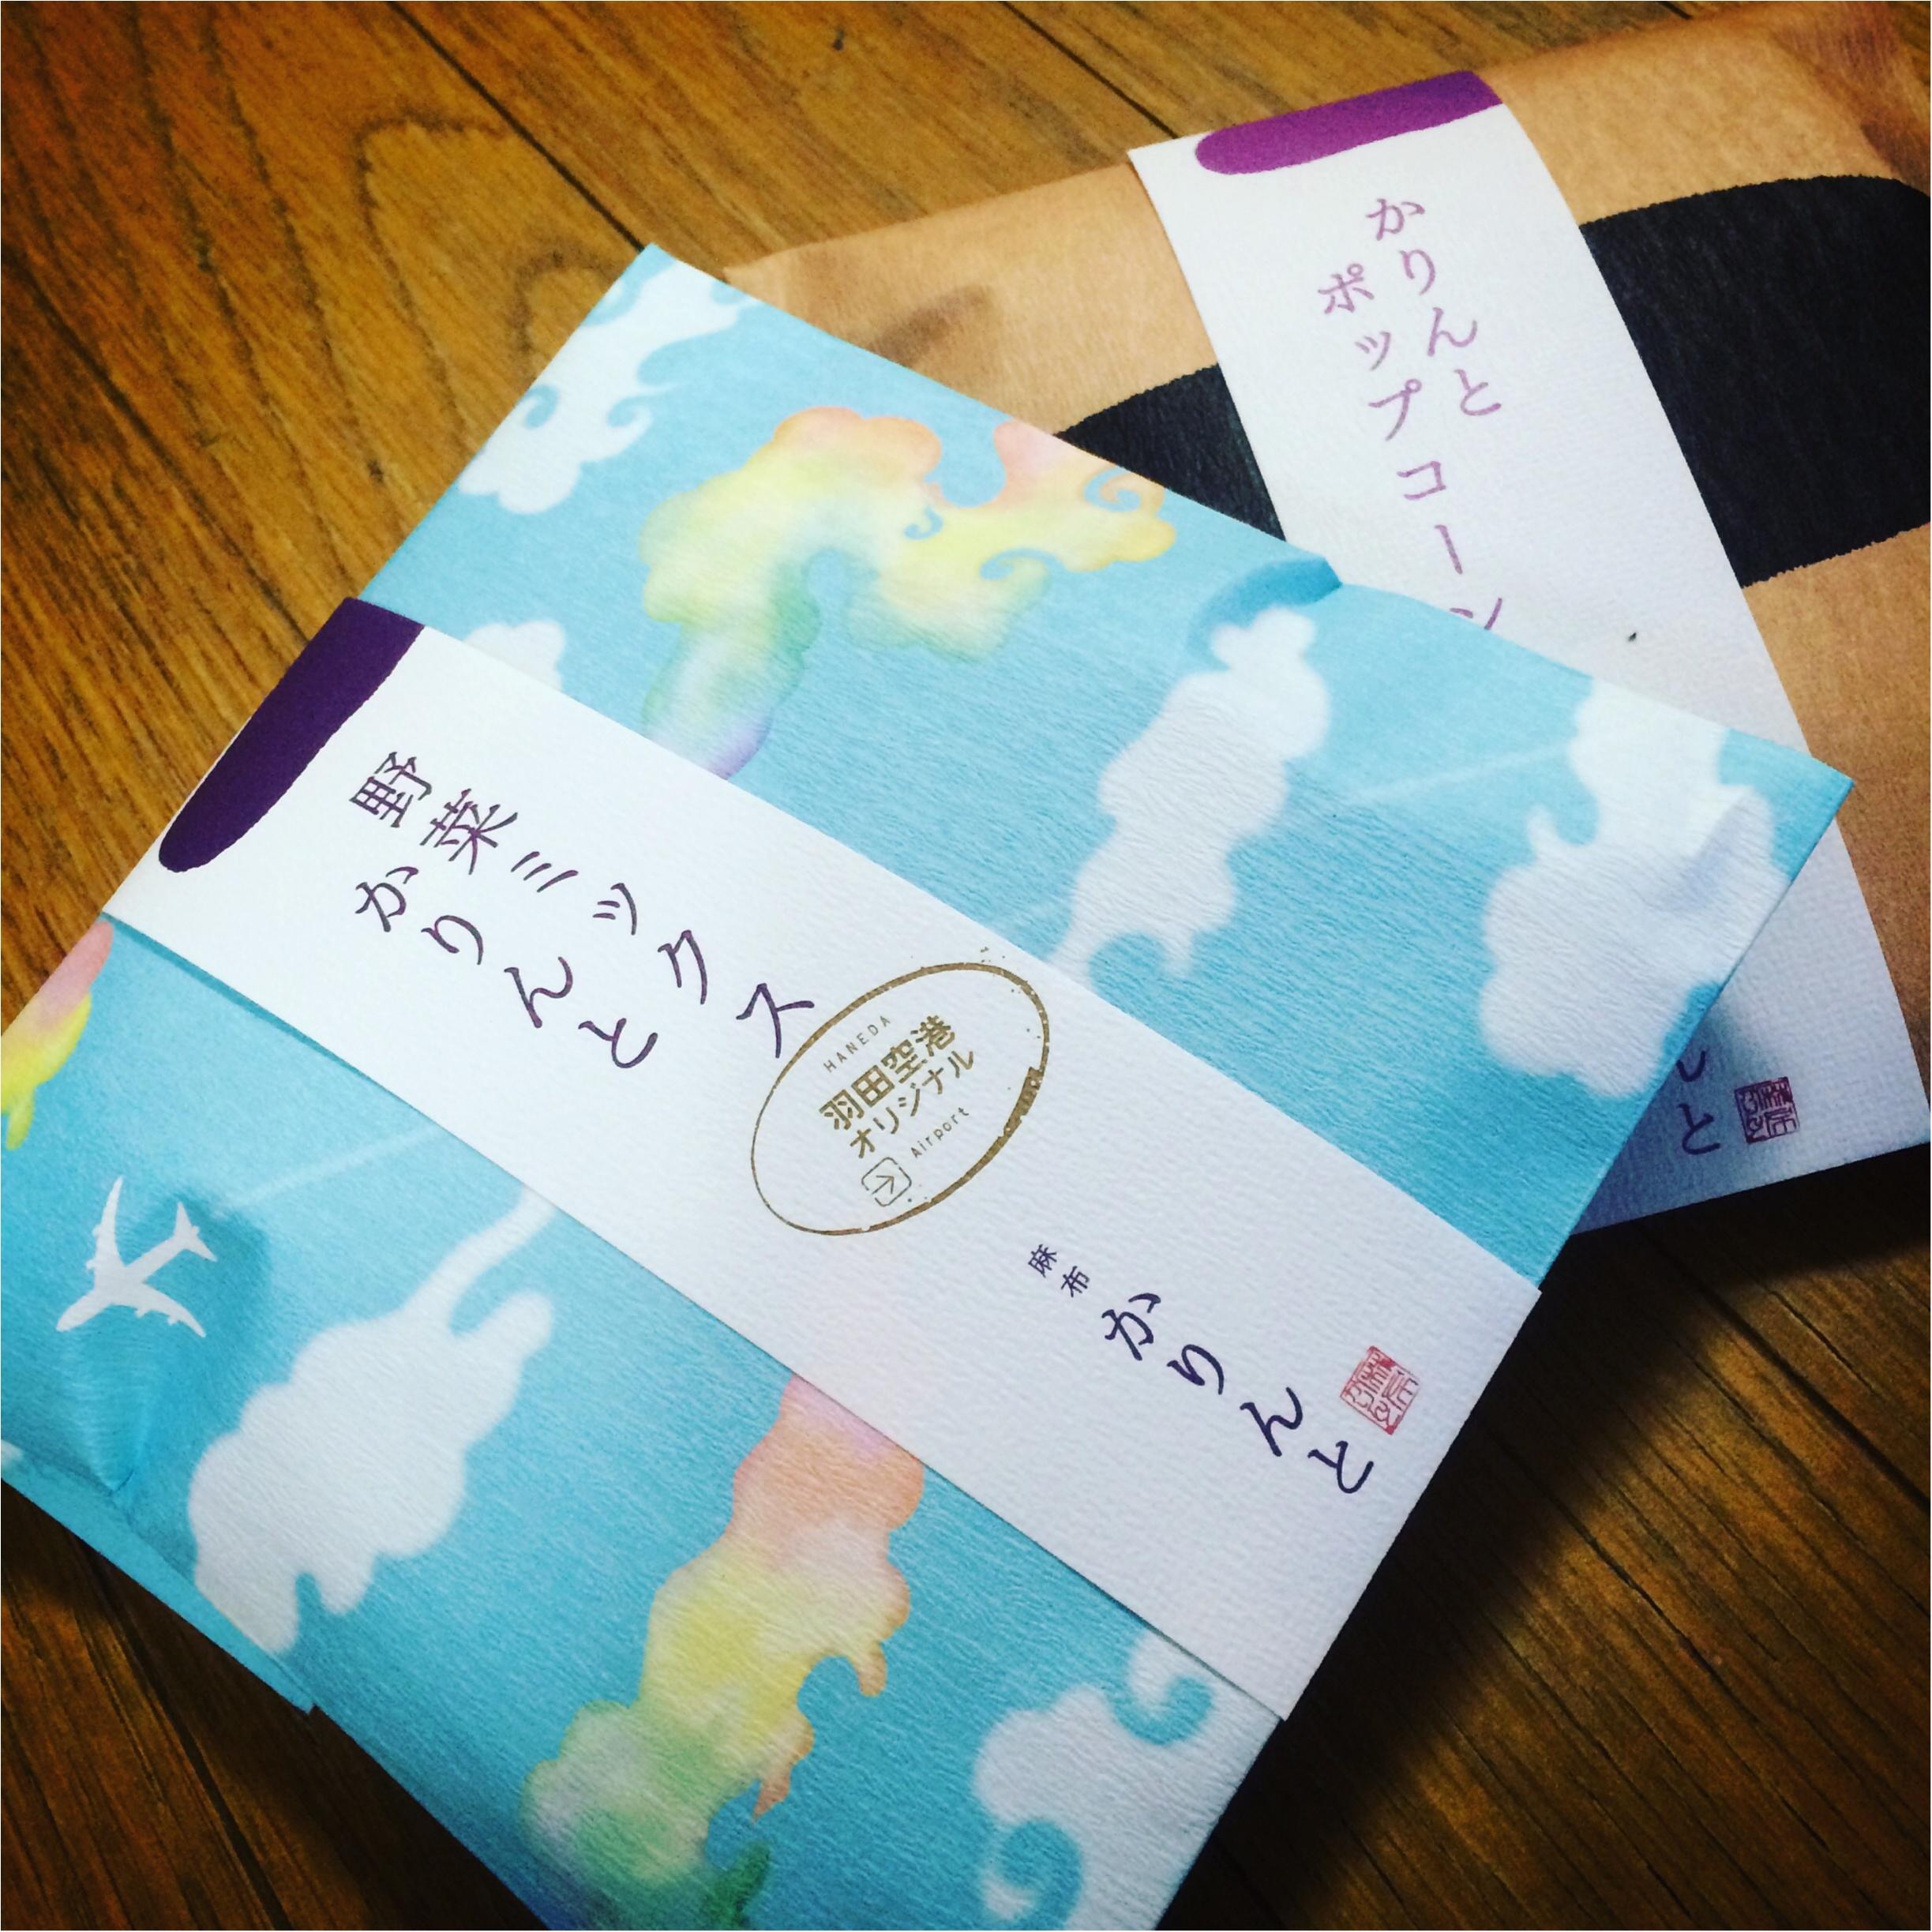 """帰省土産はもう買った?""""麻布かりんと""""でスマート&キュートな土産を♡_1"""